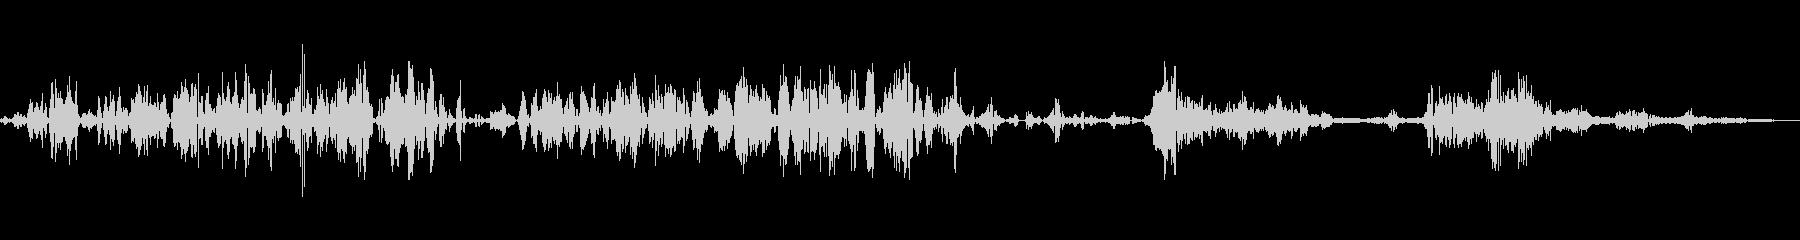 静的な無線歪みのゆらぎトーンの未再生の波形